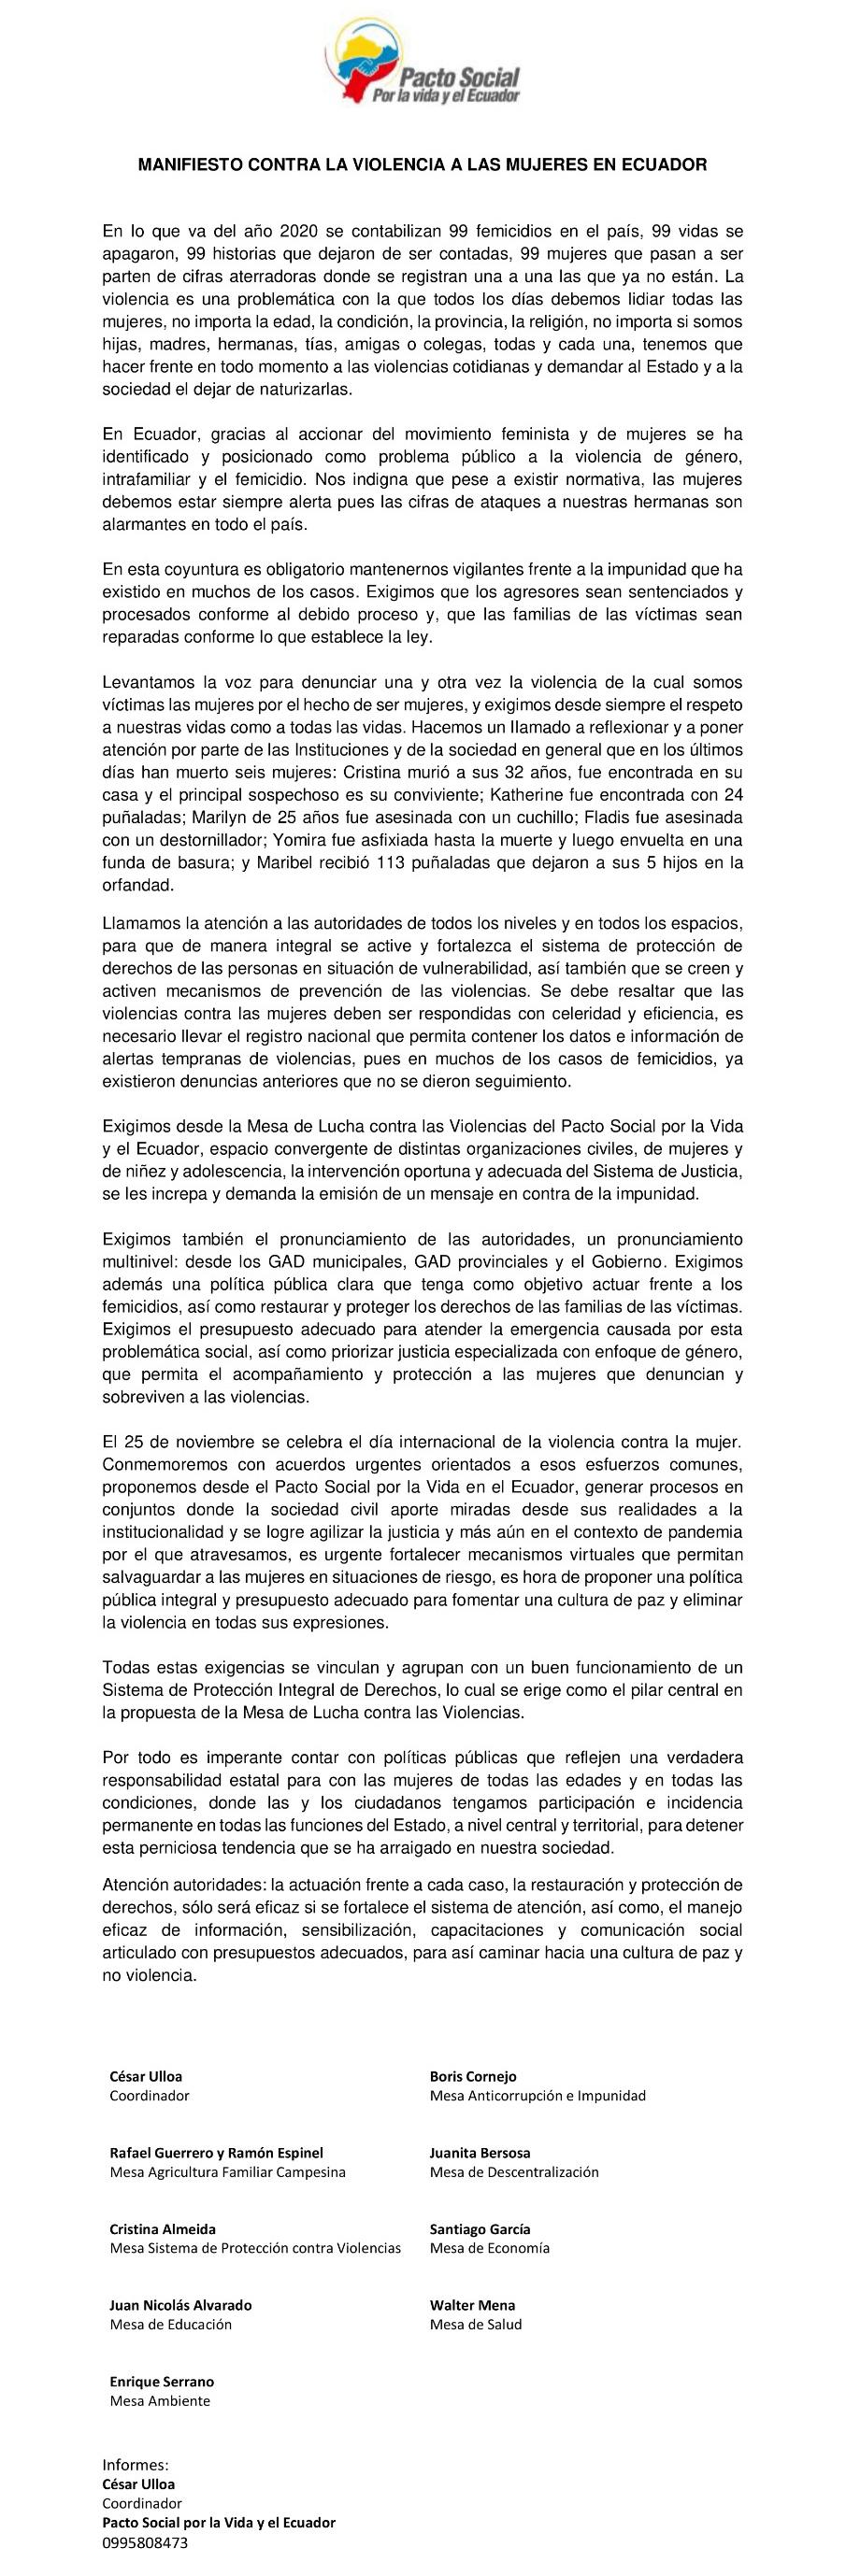 Manifiesto contra la violencia a las mujeres en Ecuador